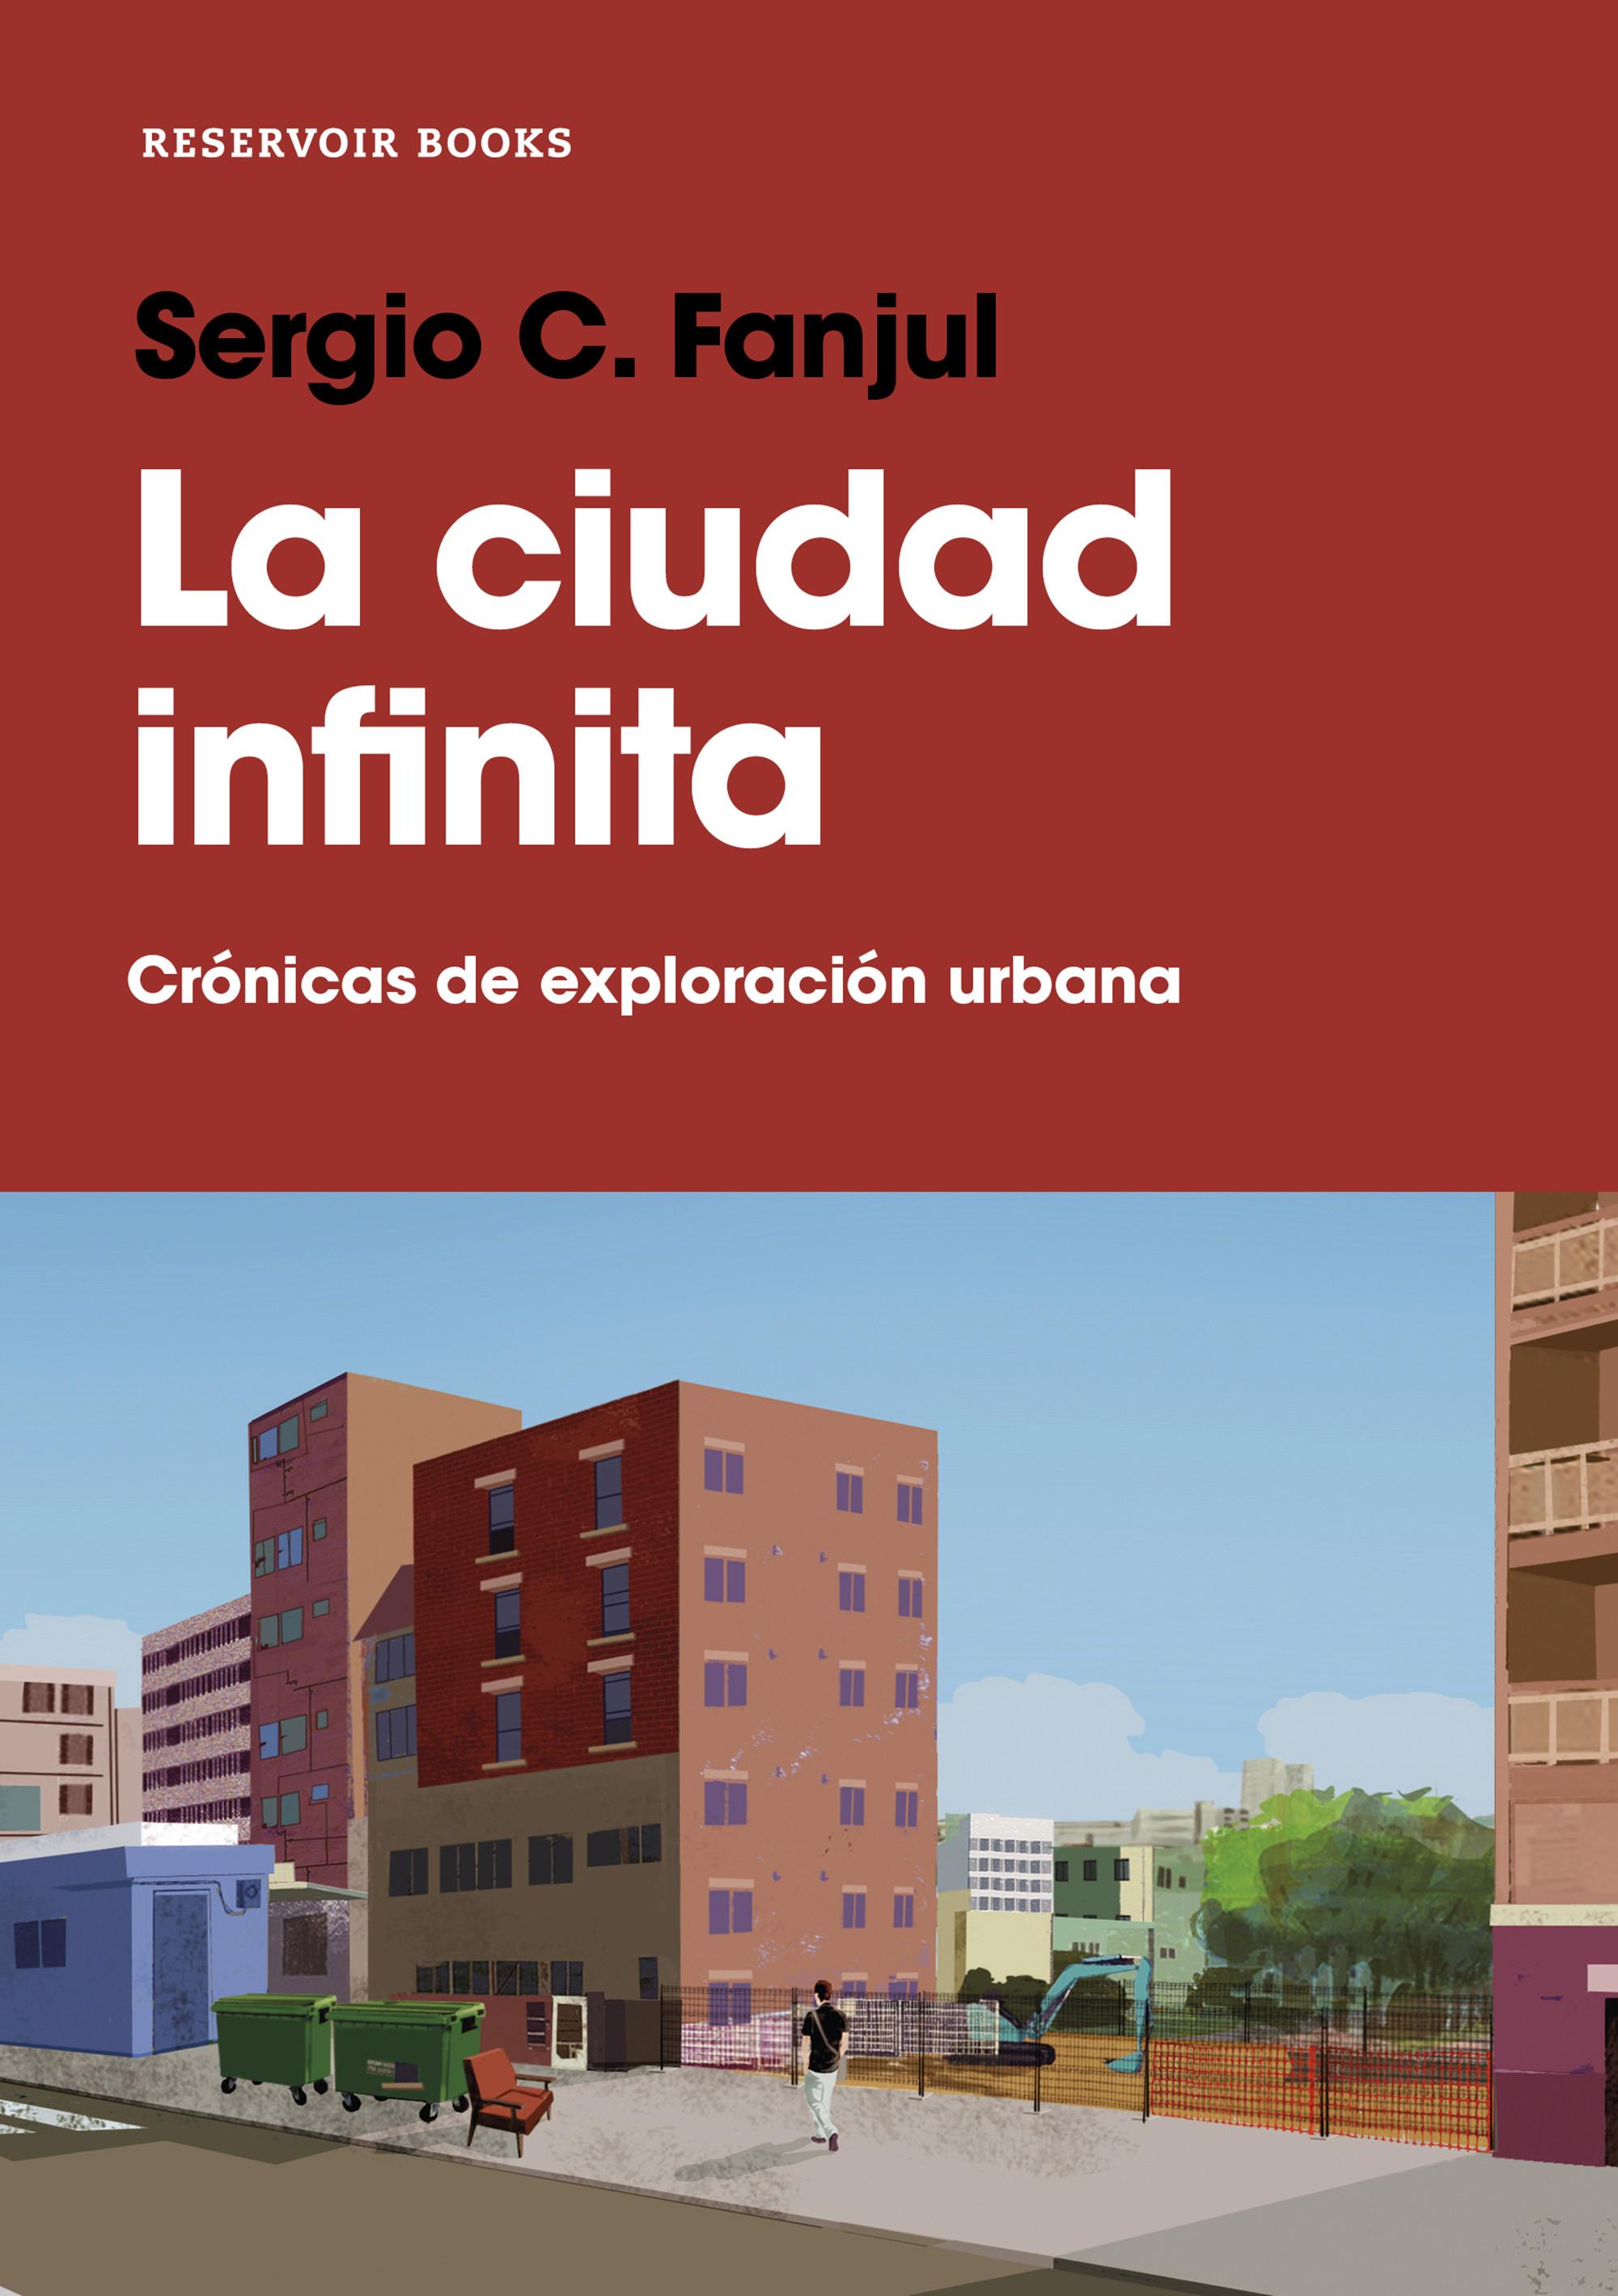 La ciudad infinita